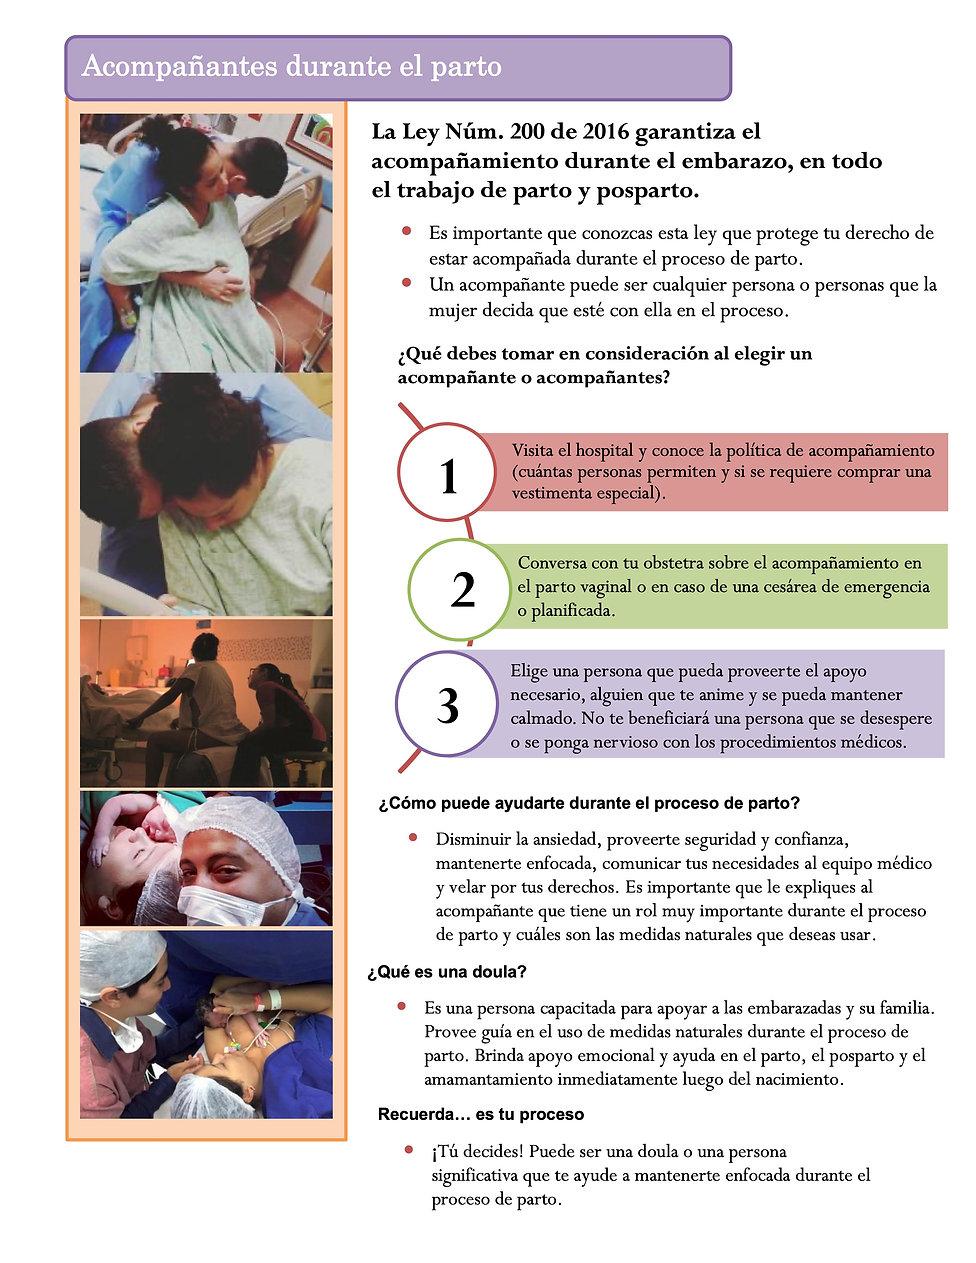 Acompañantes_durante_el_parto.jpg